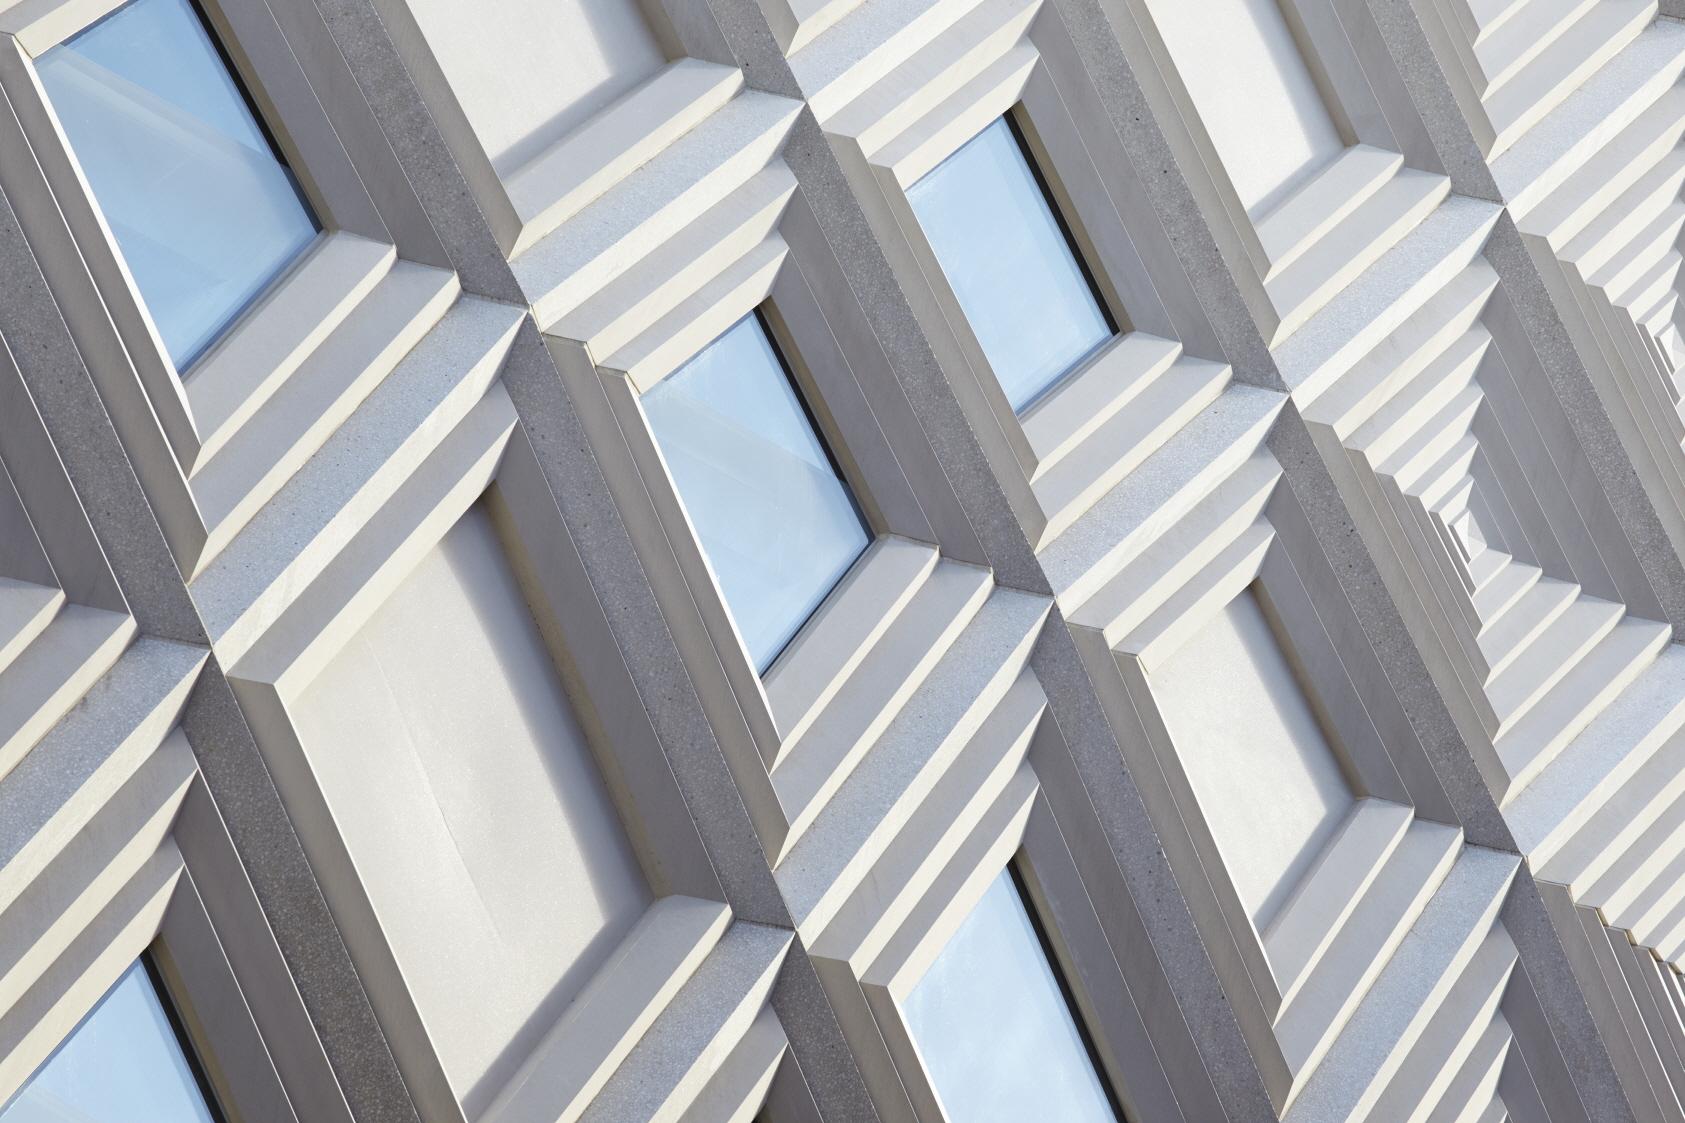 〔안정원의 건축 칼럼〕 지역의 맥락성을 고려한 입체적인 파사드와 다이어그리드 패턴 공간 6